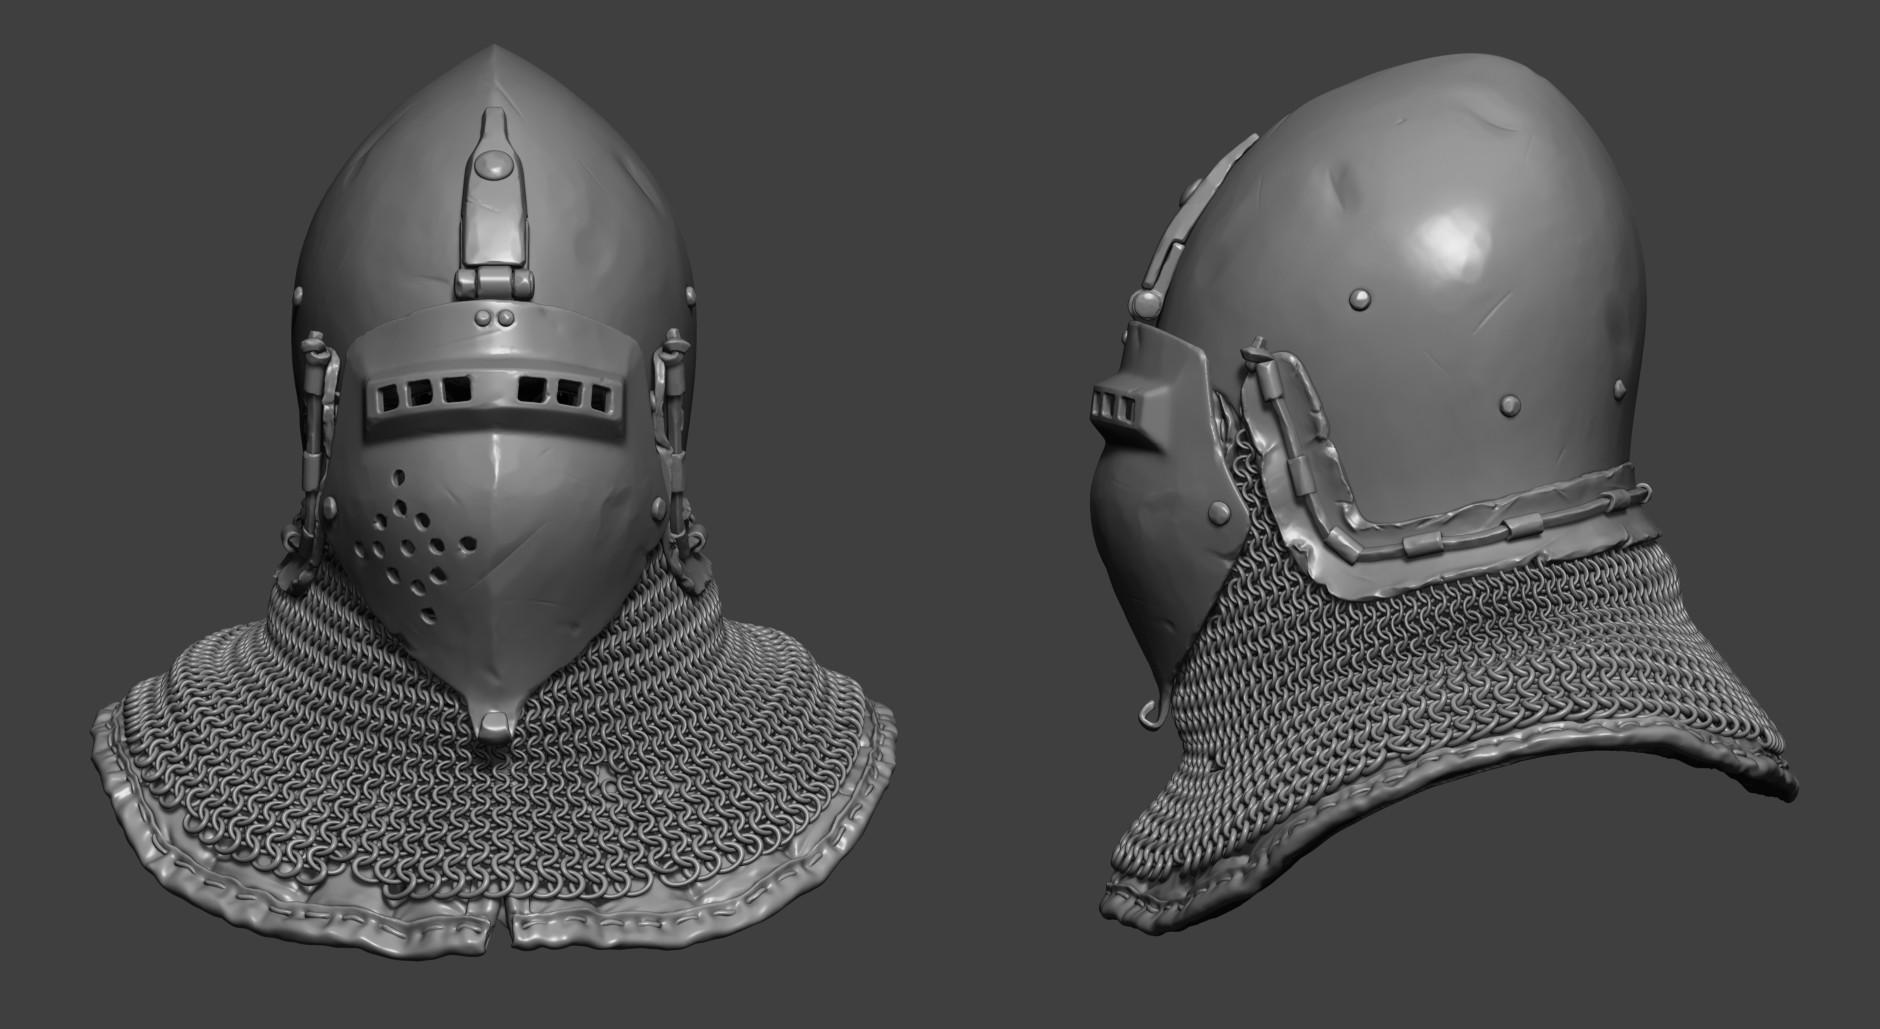 Petr sokolov artpity knight hp helmet close